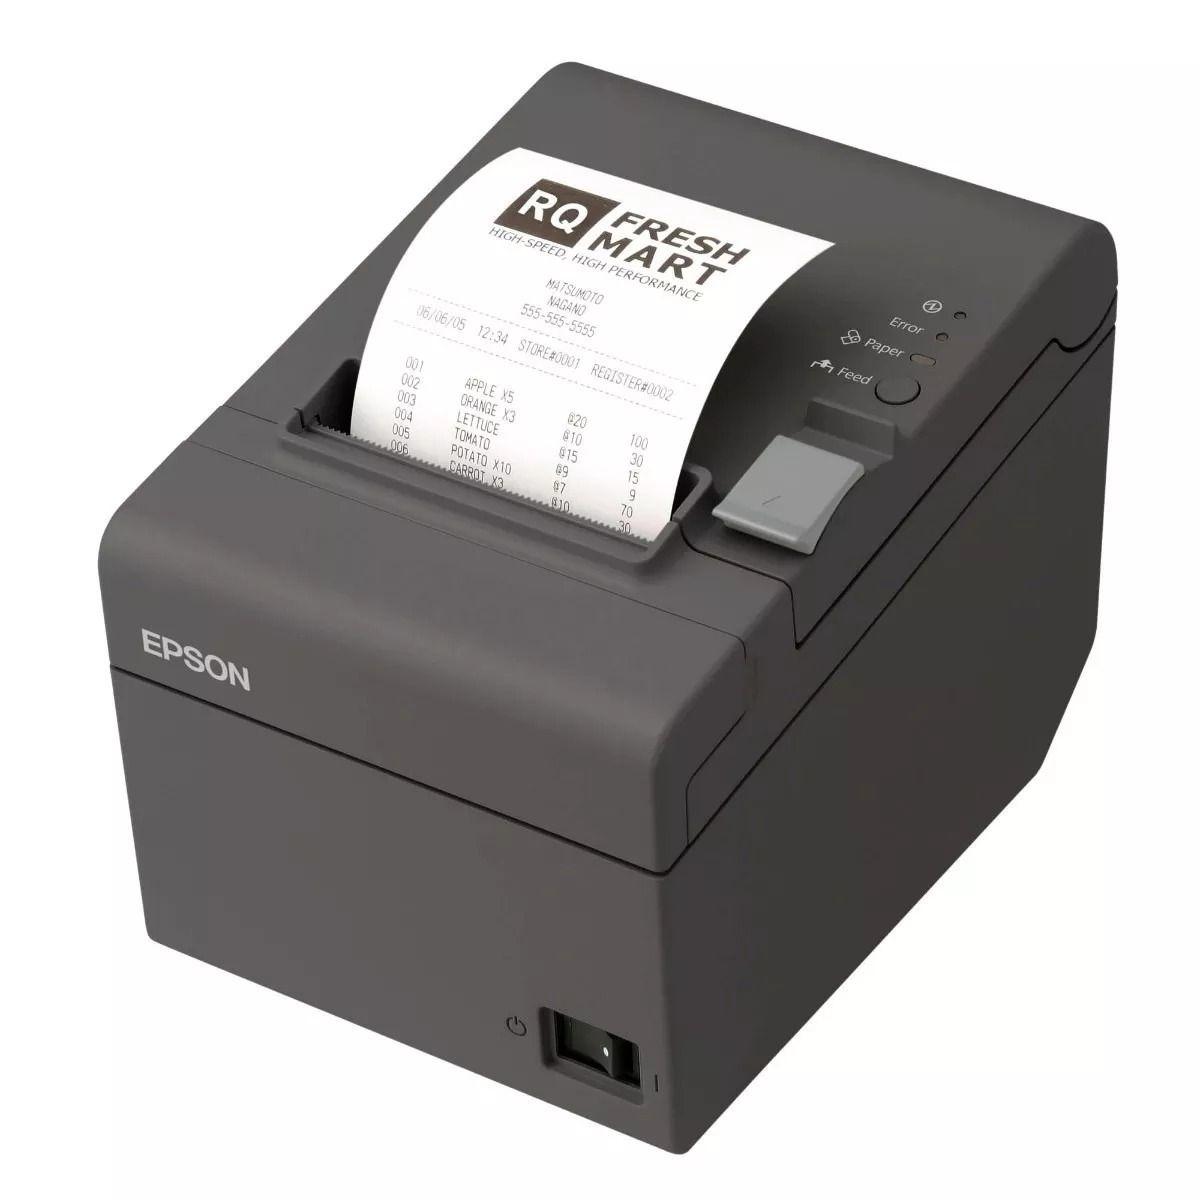 Impressora de Cupom Térmica Epson TMT88V